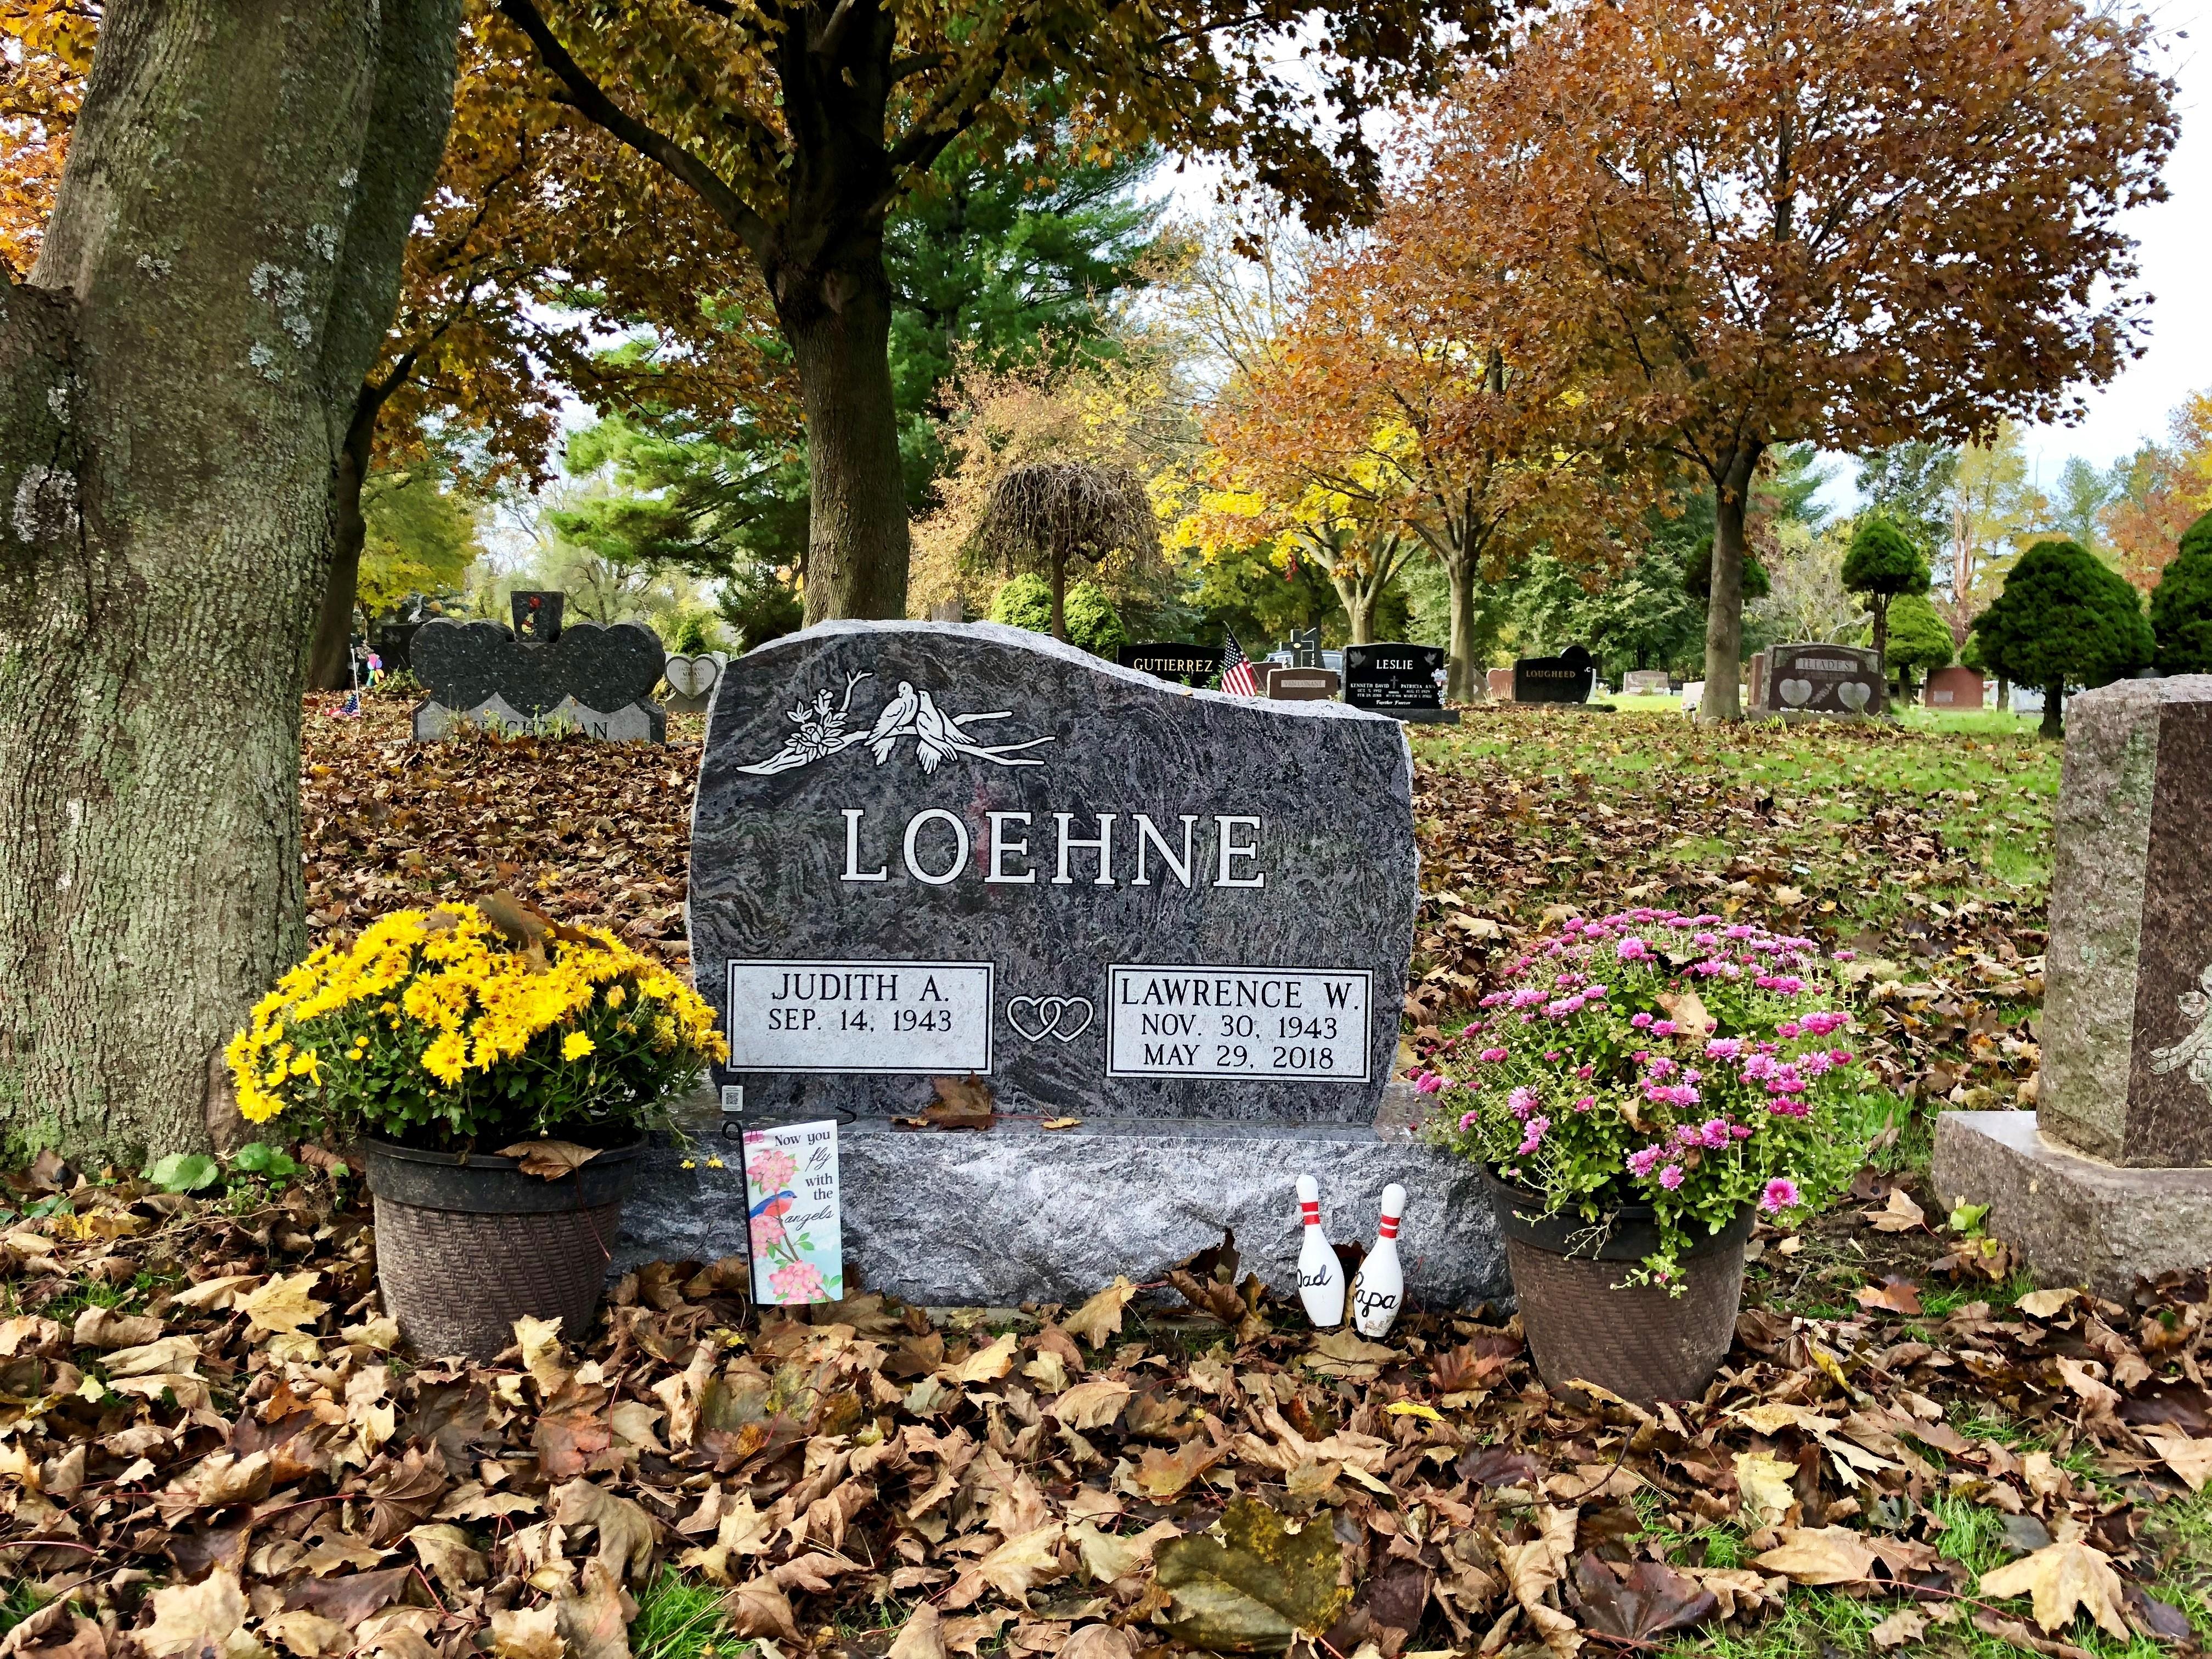 Loehne Monument